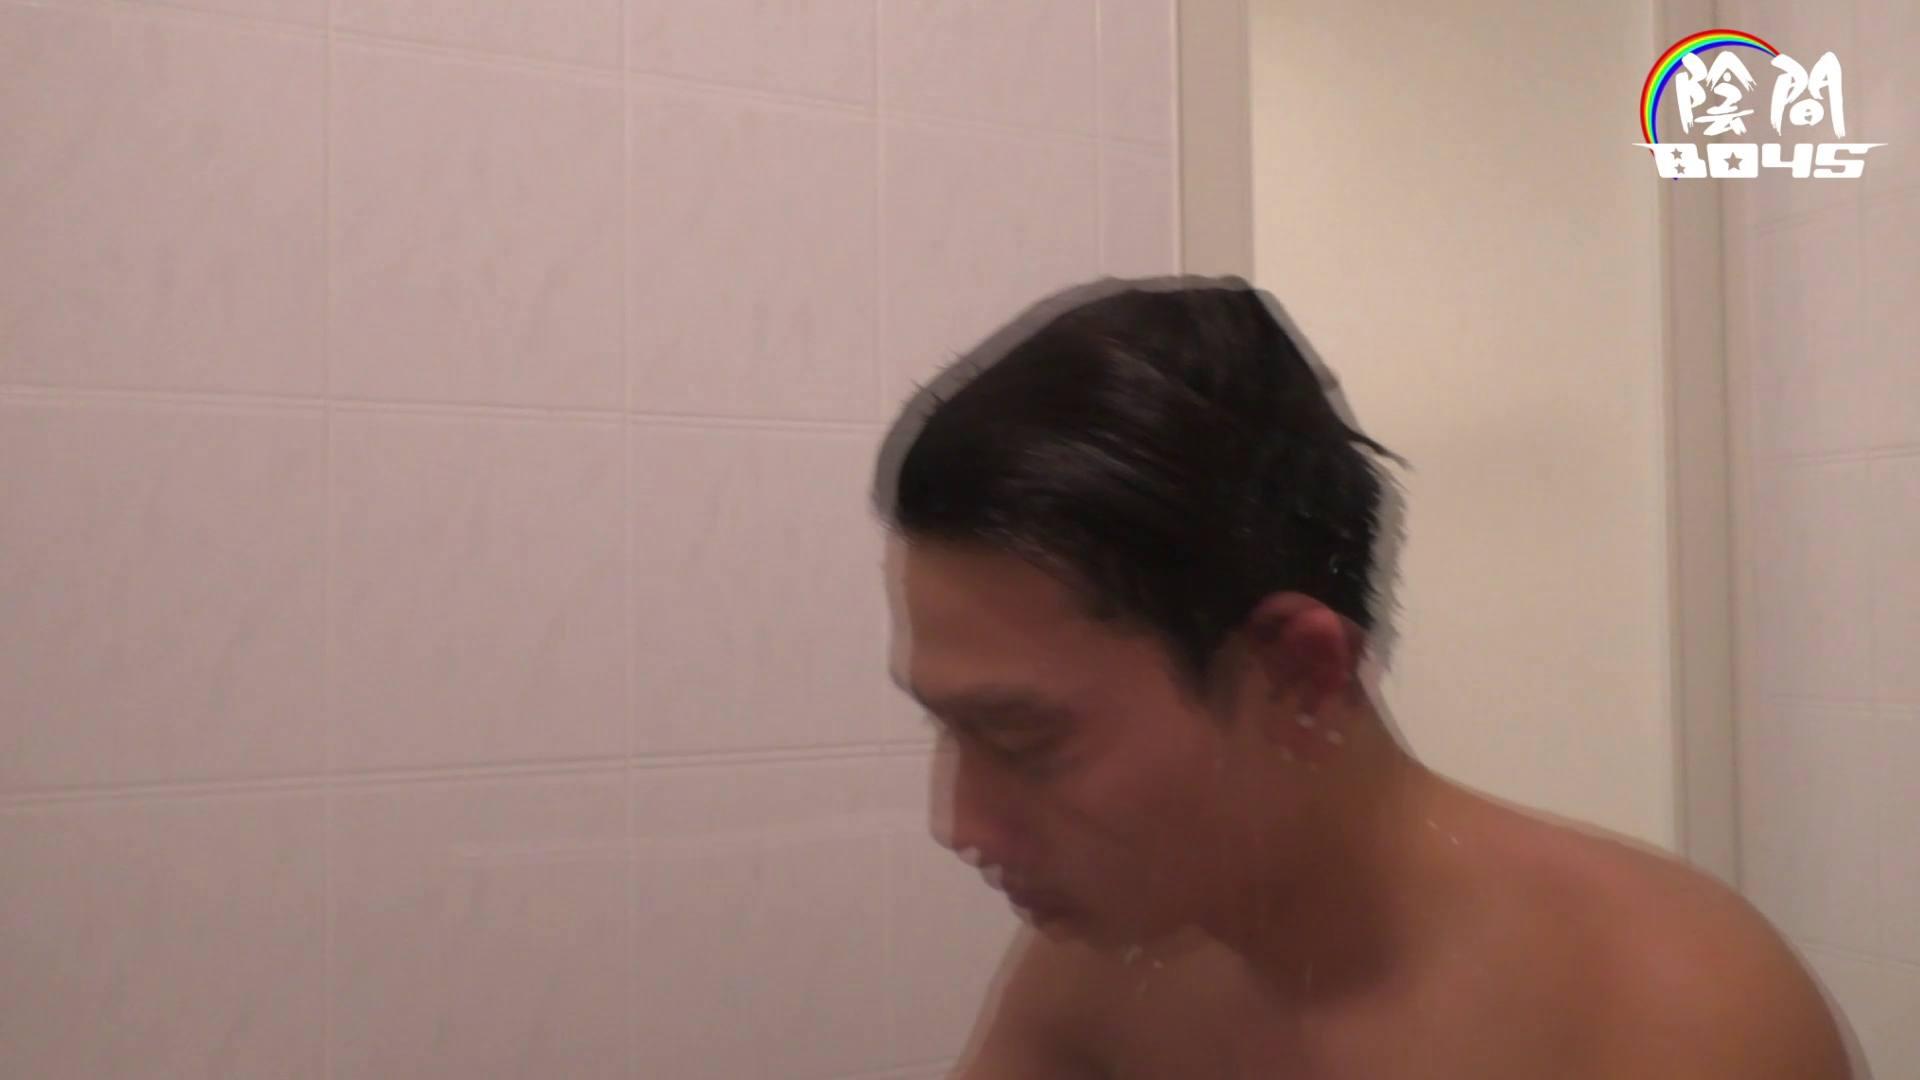 「君のアナルは」part1  ~ノンケの掟破り~Vol.01 生入れ ゲイアダルトビデオ画像 85pic 84